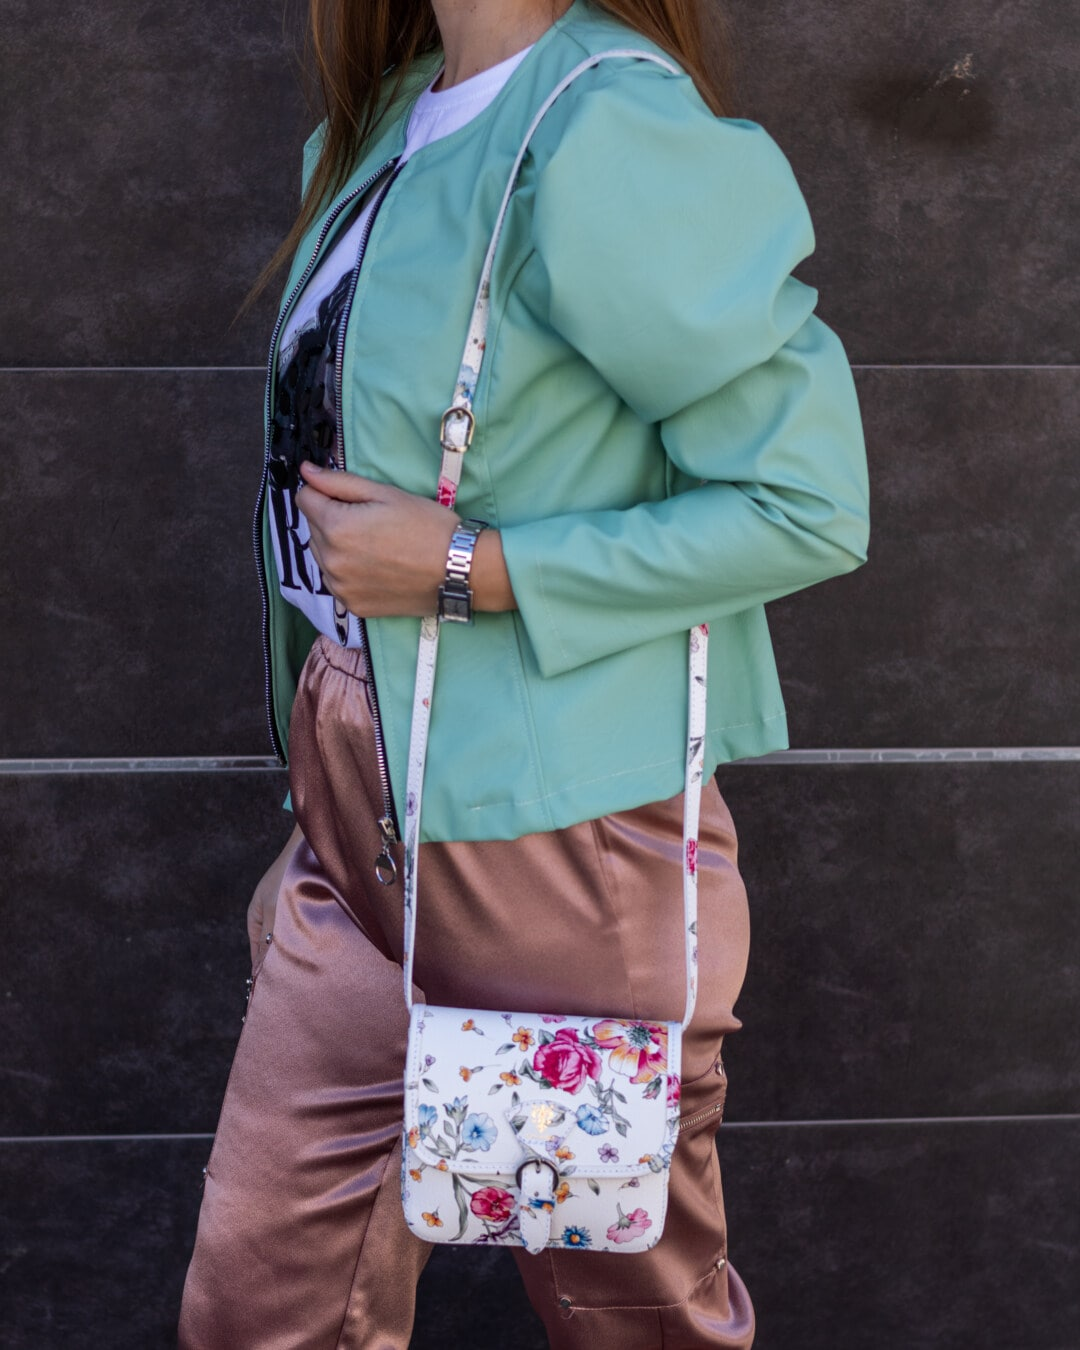 femme d'affaires, Outfit, attrayant, veste, sac à main, Jeans/Pantalons, femme, portrait, jeune fille, gens